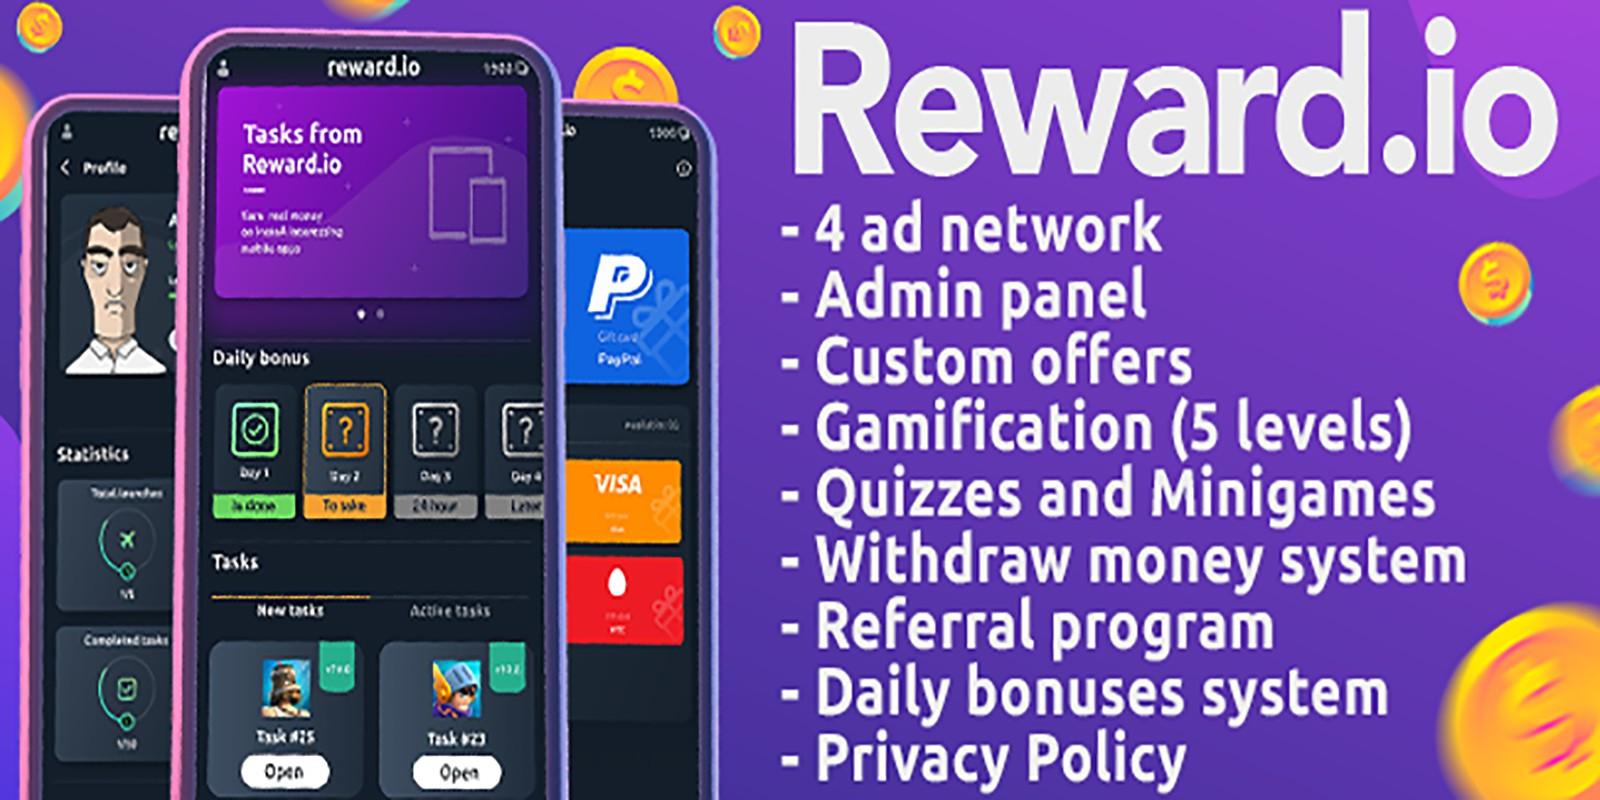 Reward.io – Exclusive Reward App For Android